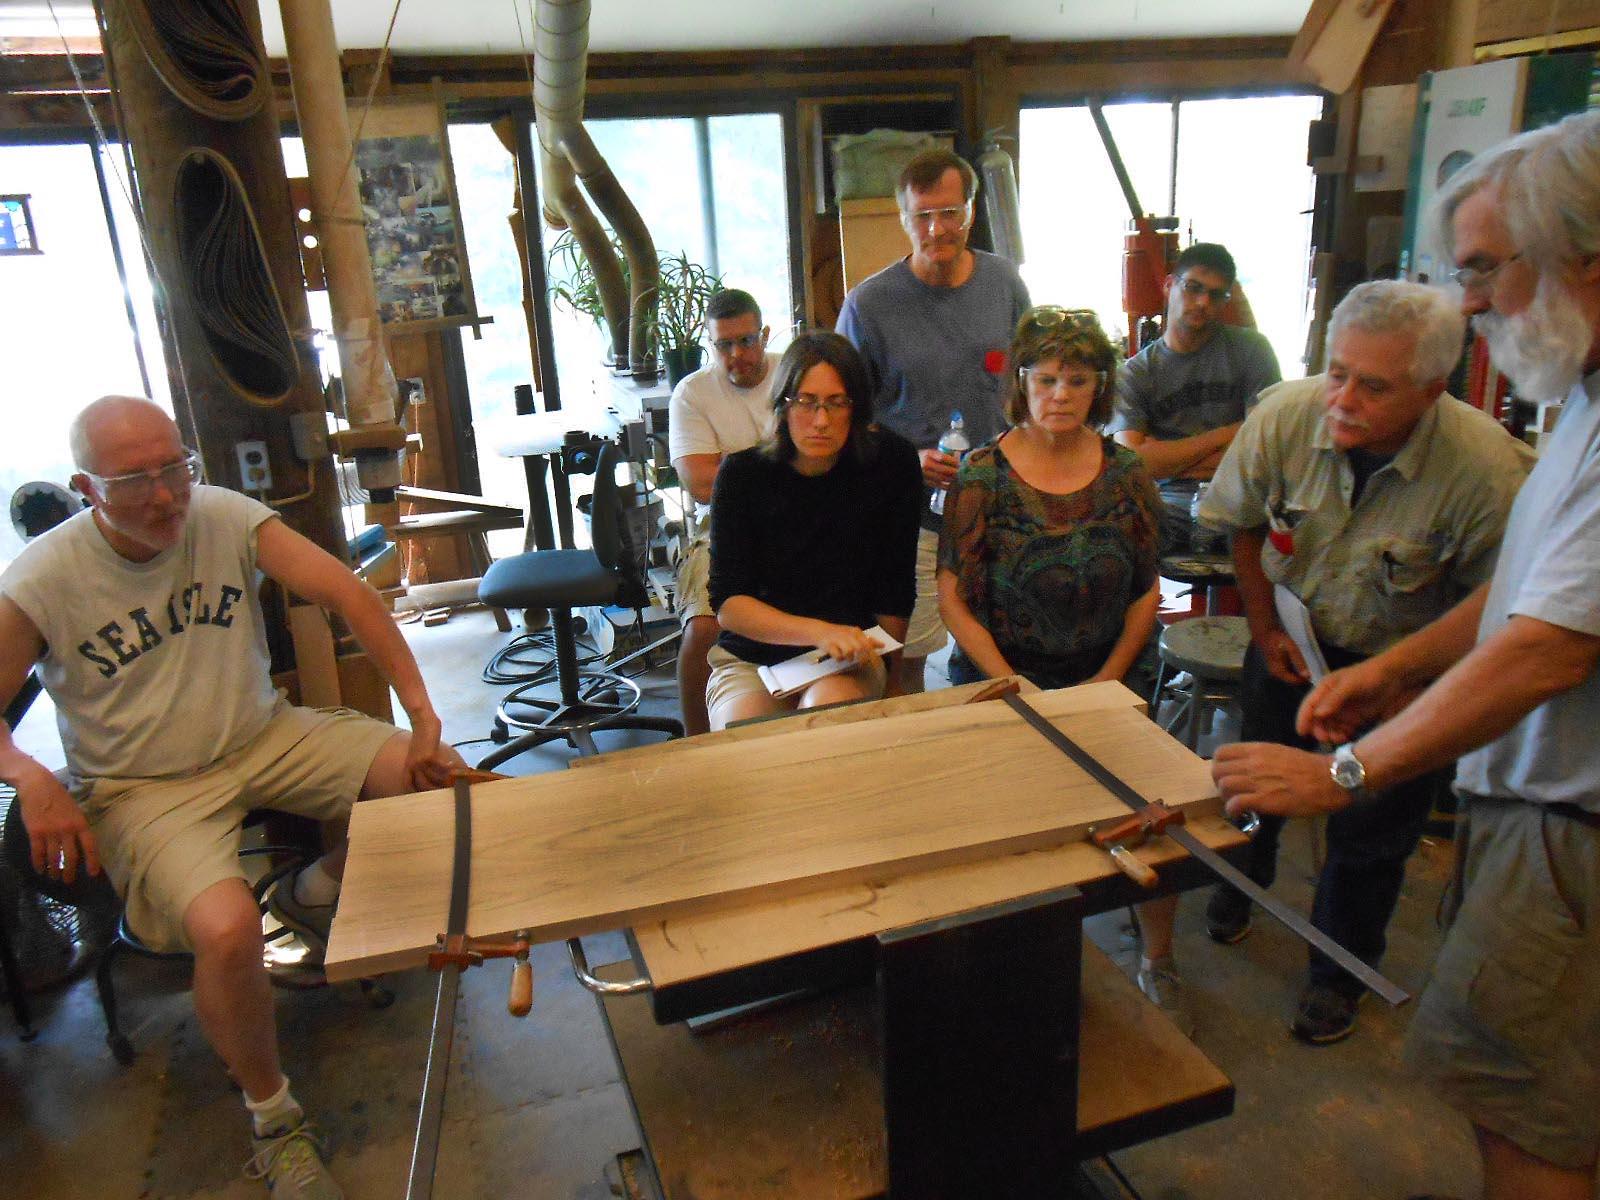 Woodworking class austin tx